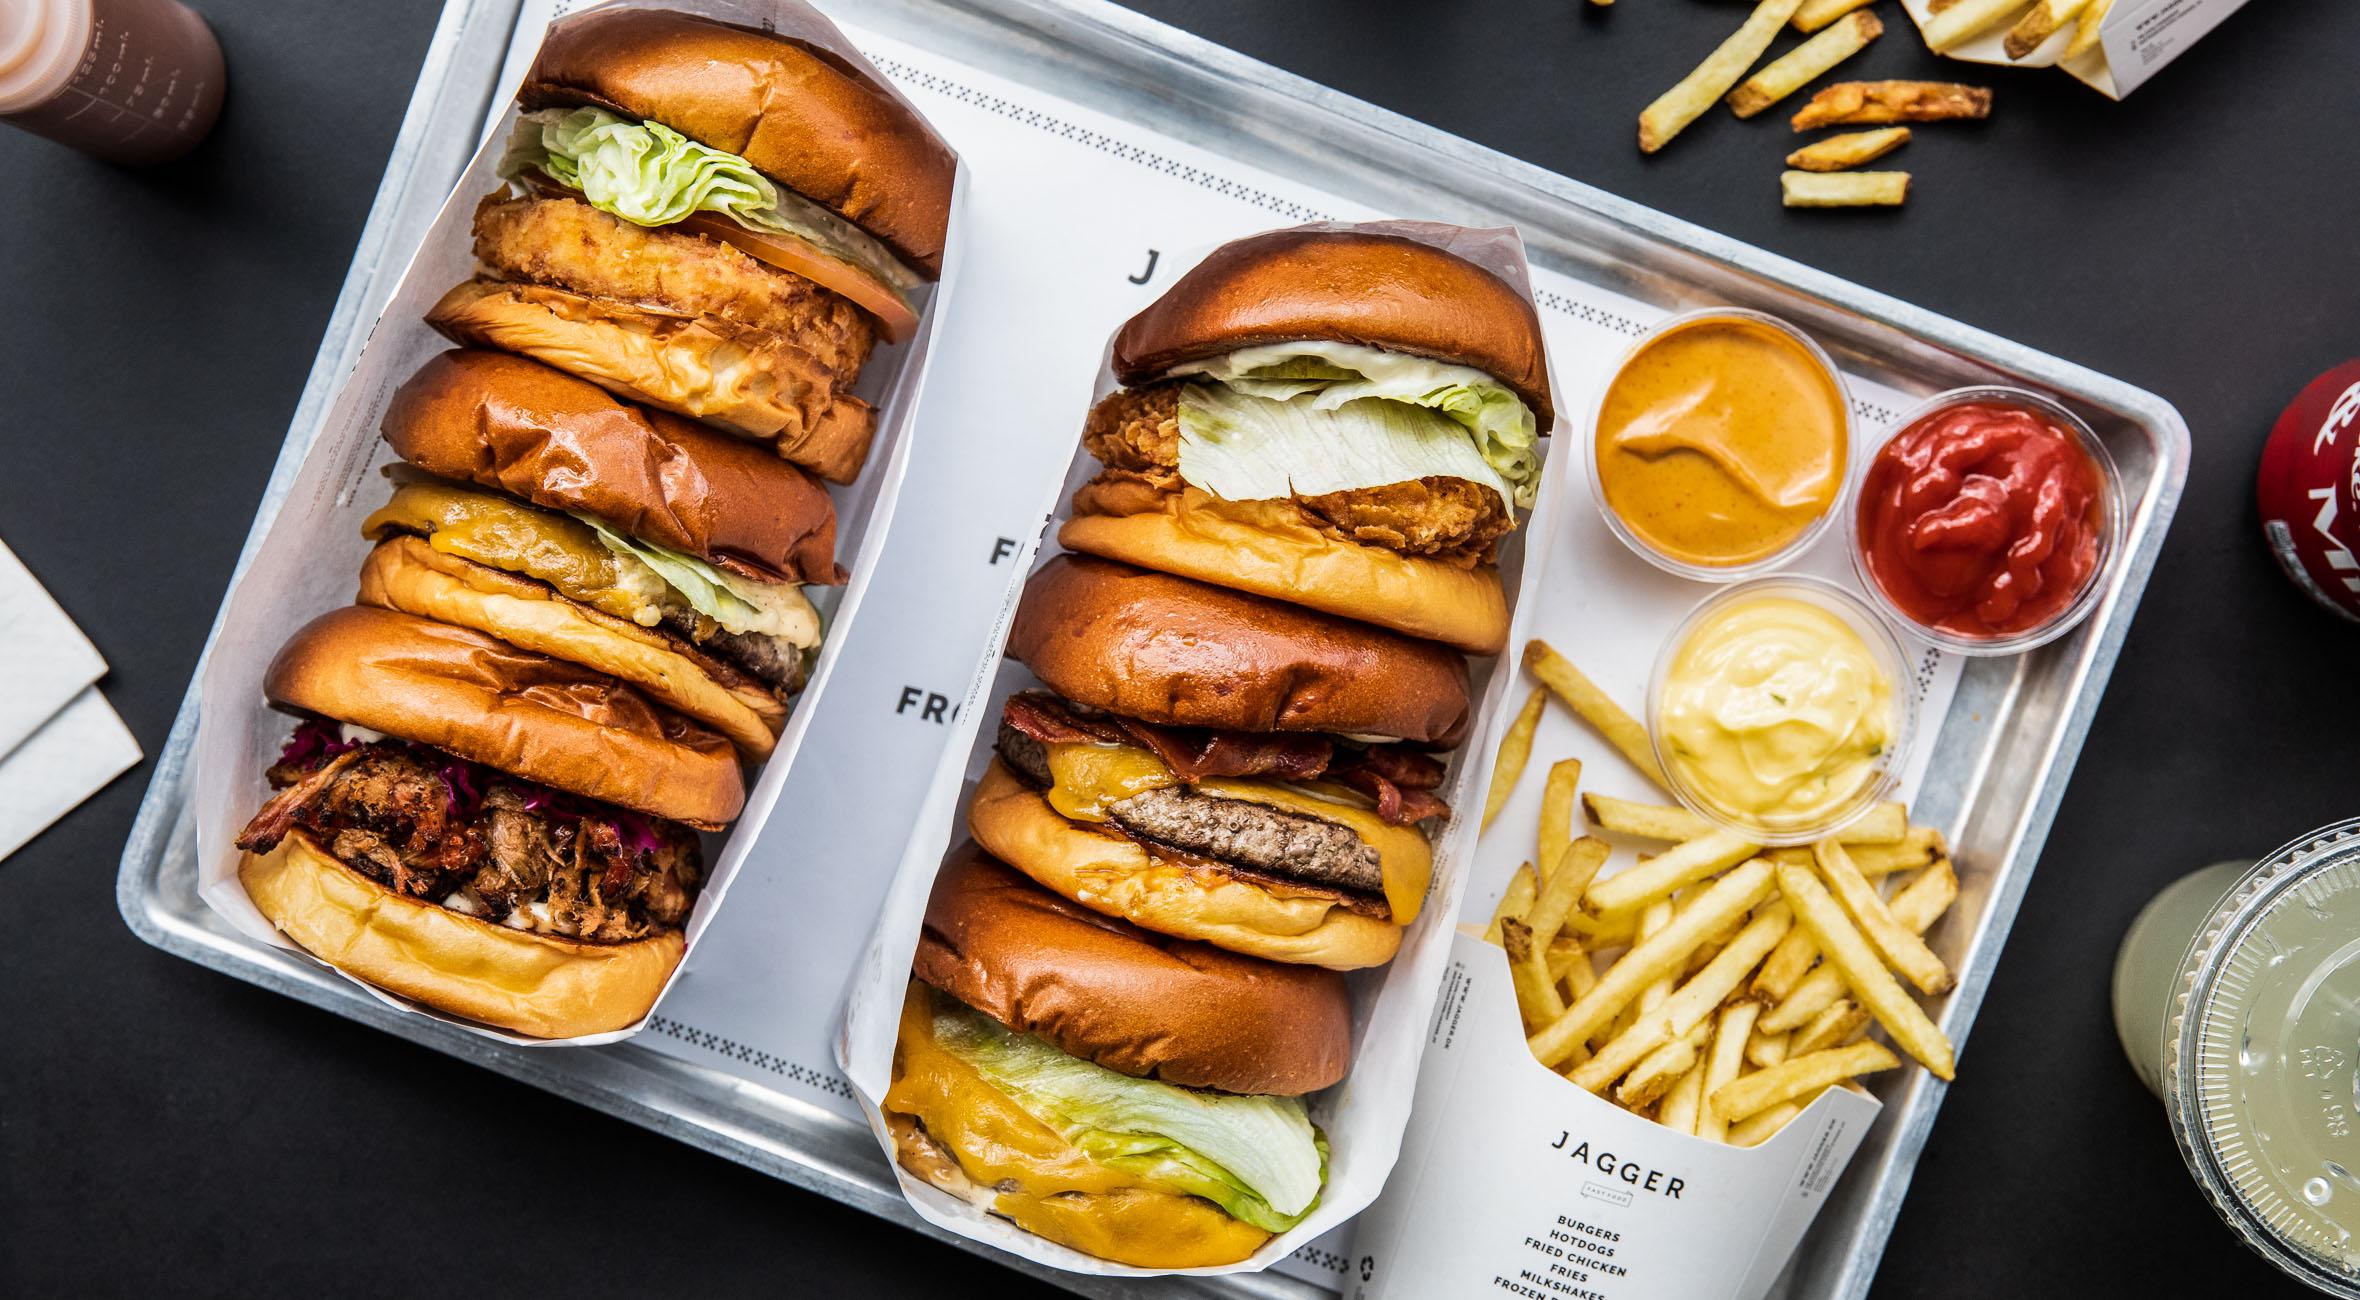 2 burgermenuer hos Jagger – Landets hippeste fast food restaurant har indtaget alt fra Nørrebro til Vesterbro, Østerbro, Frederiksberg, Amager og Indre By